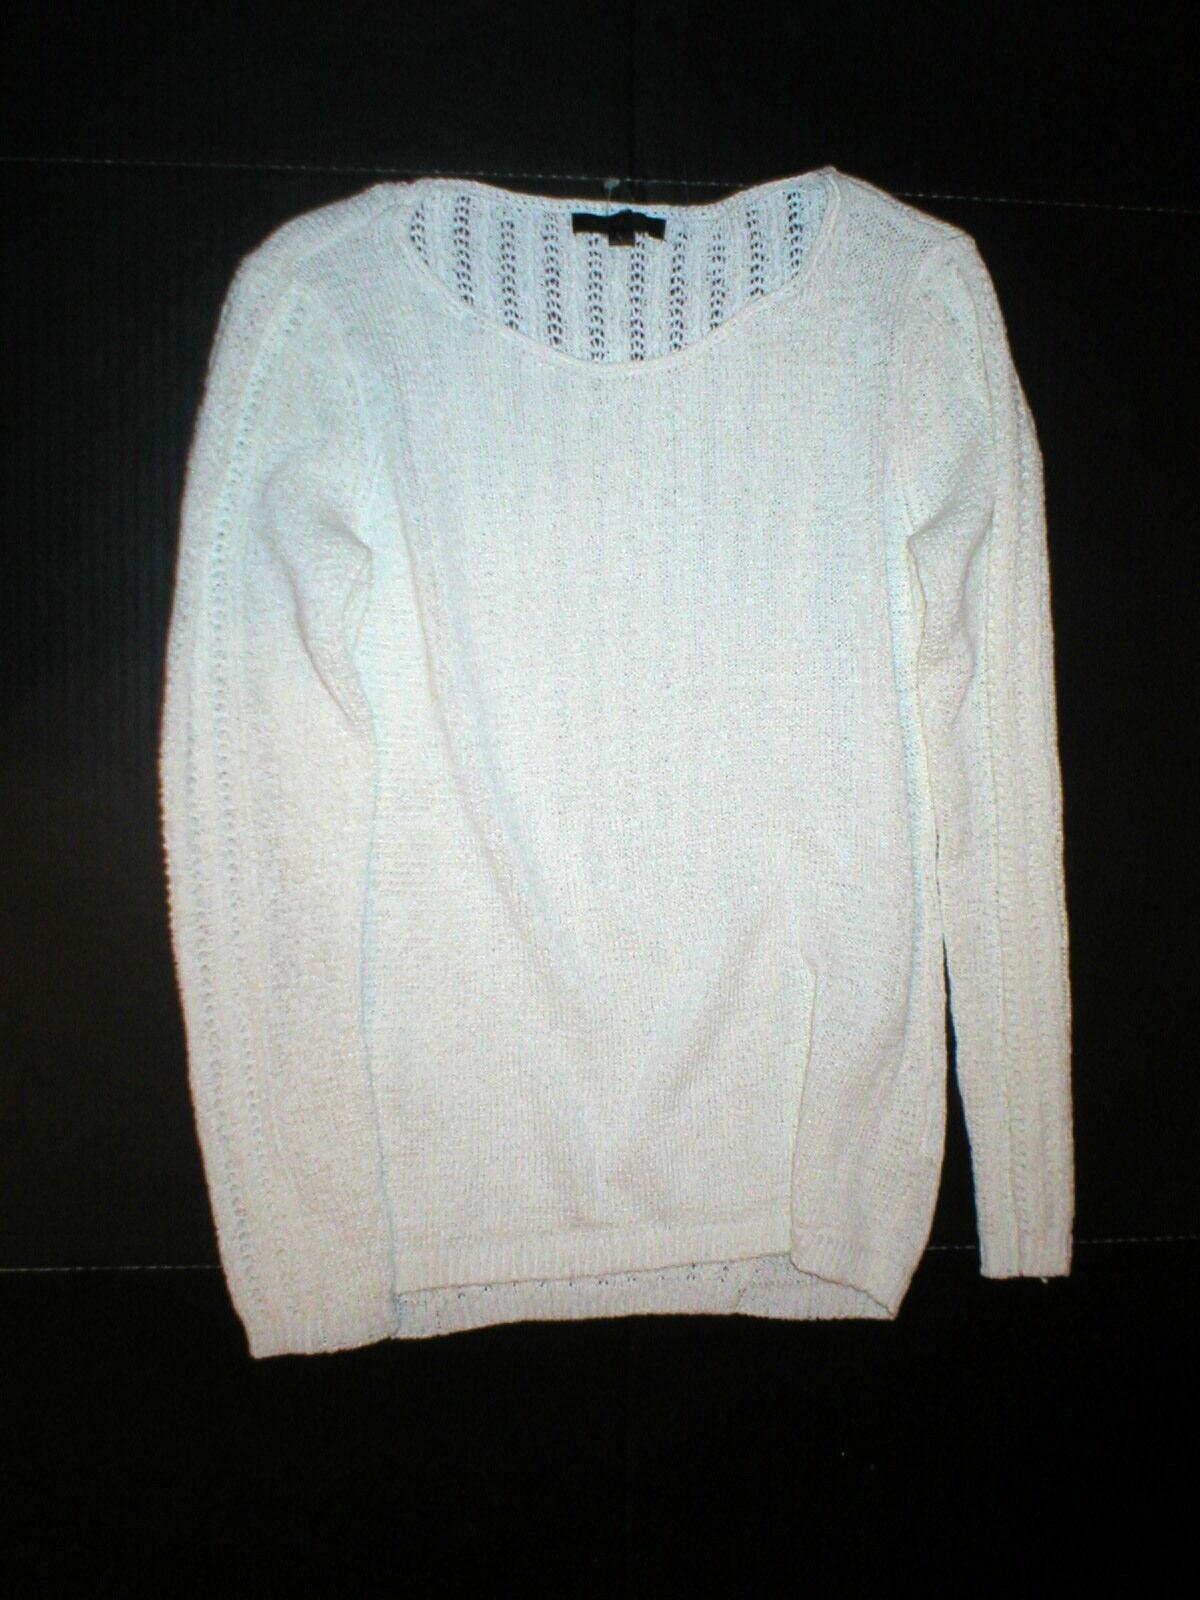 New Stylist Stylist Stylist Rachel Zoe Open Weave Sweater White Large L Womens Karla Top 11b9e1